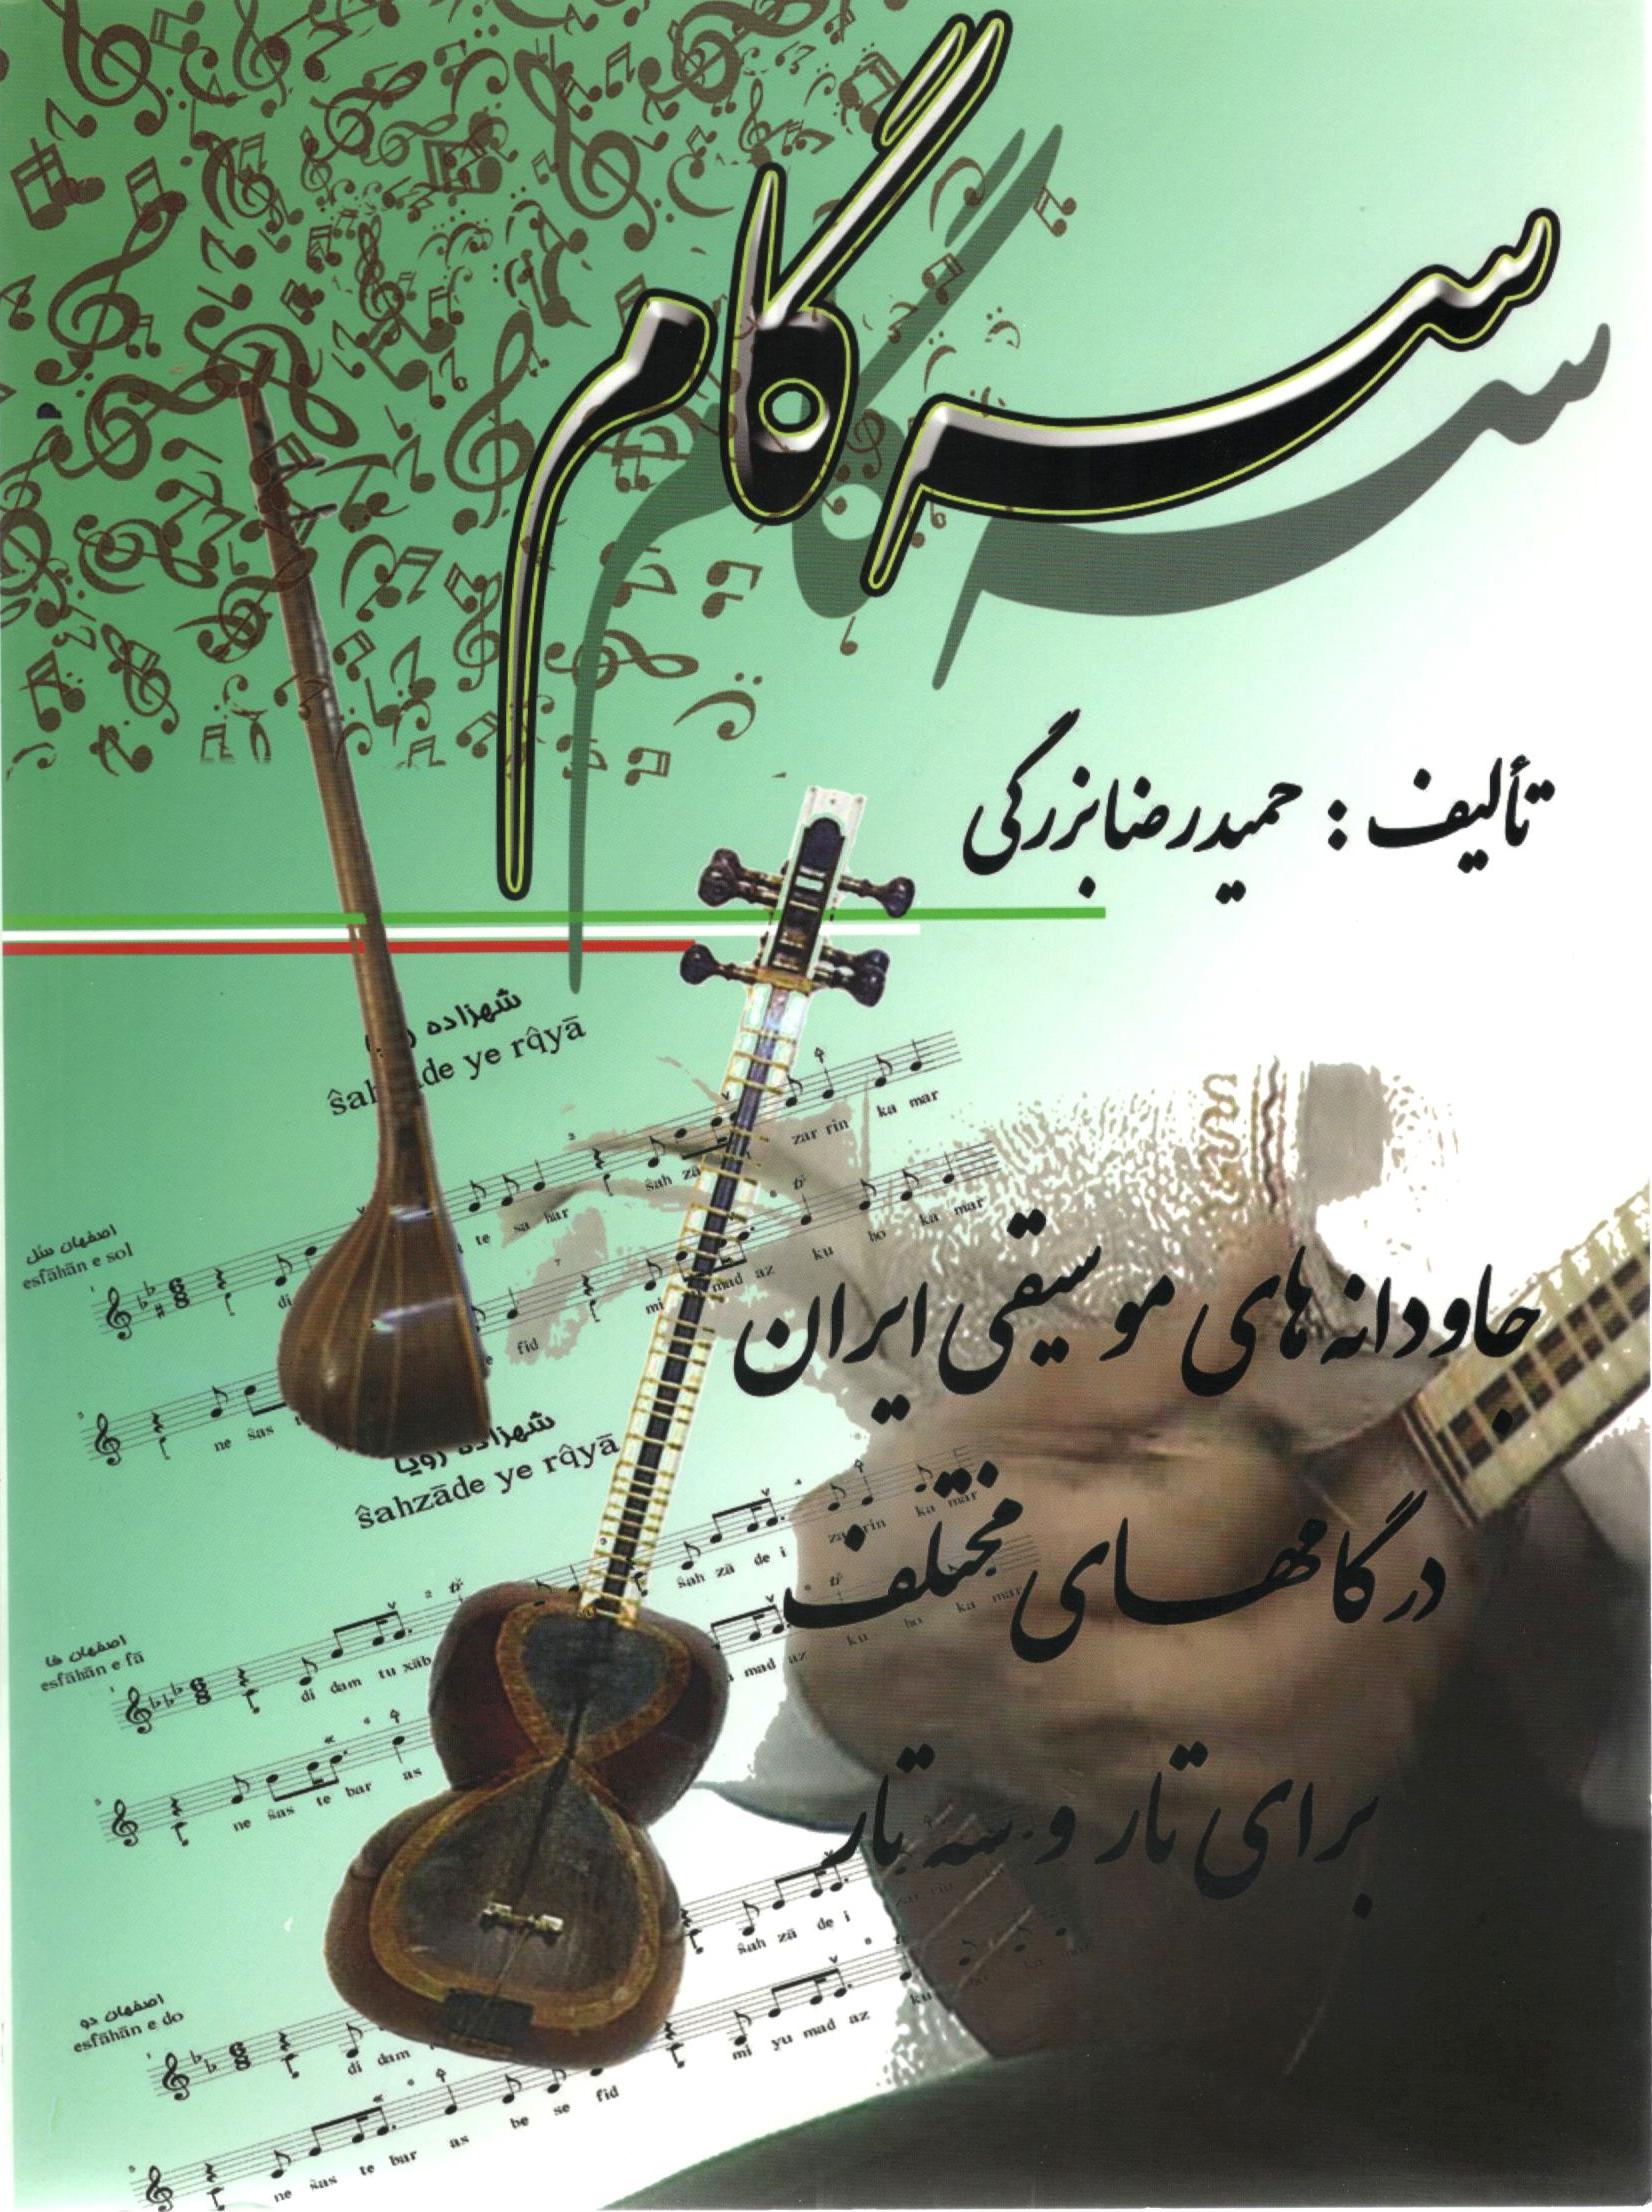 جاودانه های موسیقی ایران در گامهای مختلف تار و سه تار - حمیدرضا بزرگی